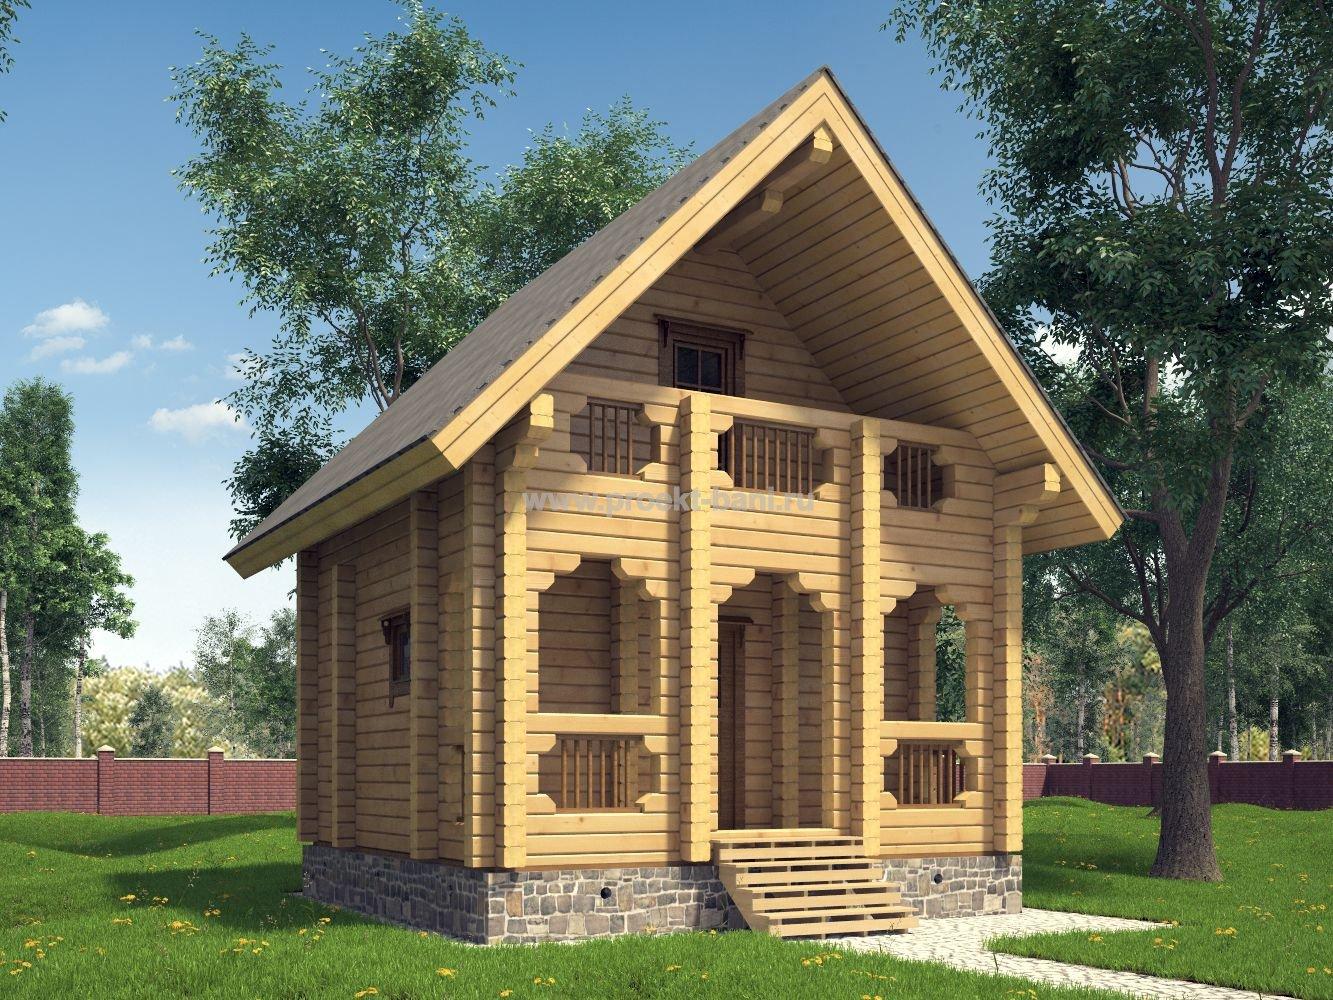 Проекты бань с мансардой (76 фото): дом-баня с верандой или террасой размером 6х6 и 6х8, варианты из бруса и бревна 6 на 4 и 5 на 8